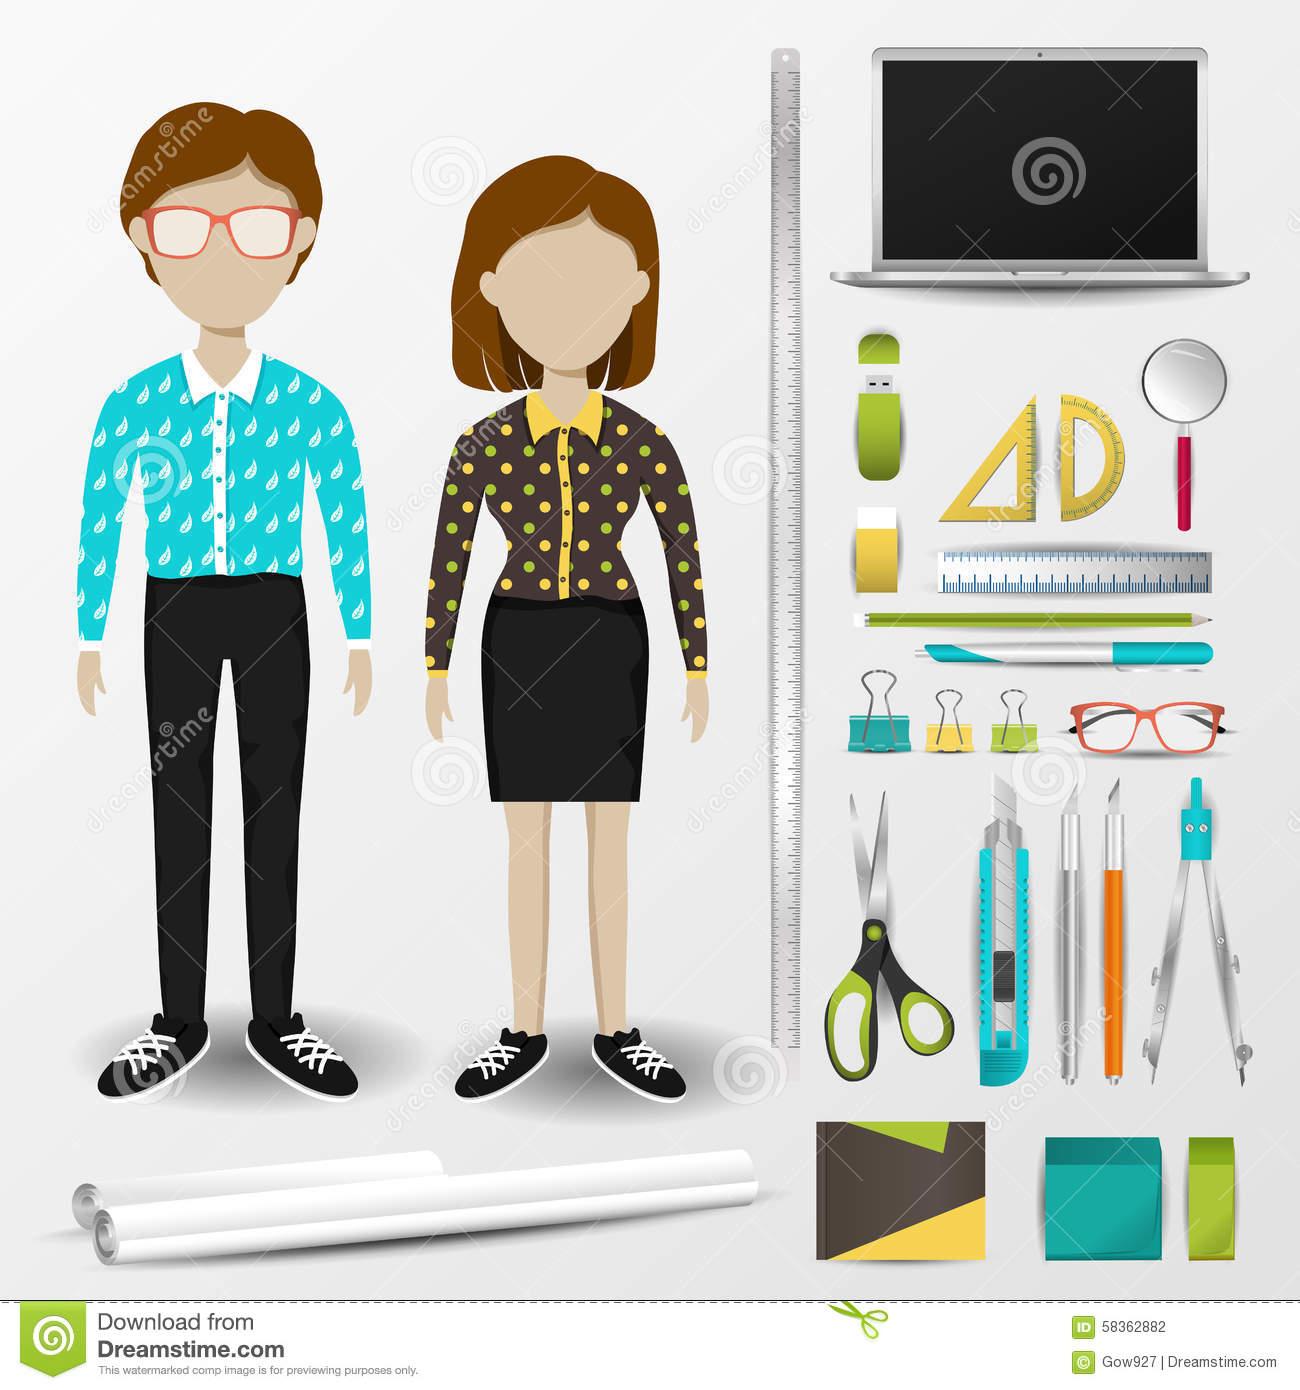 Architect clipart architect tool. Interior designs architecture pencil